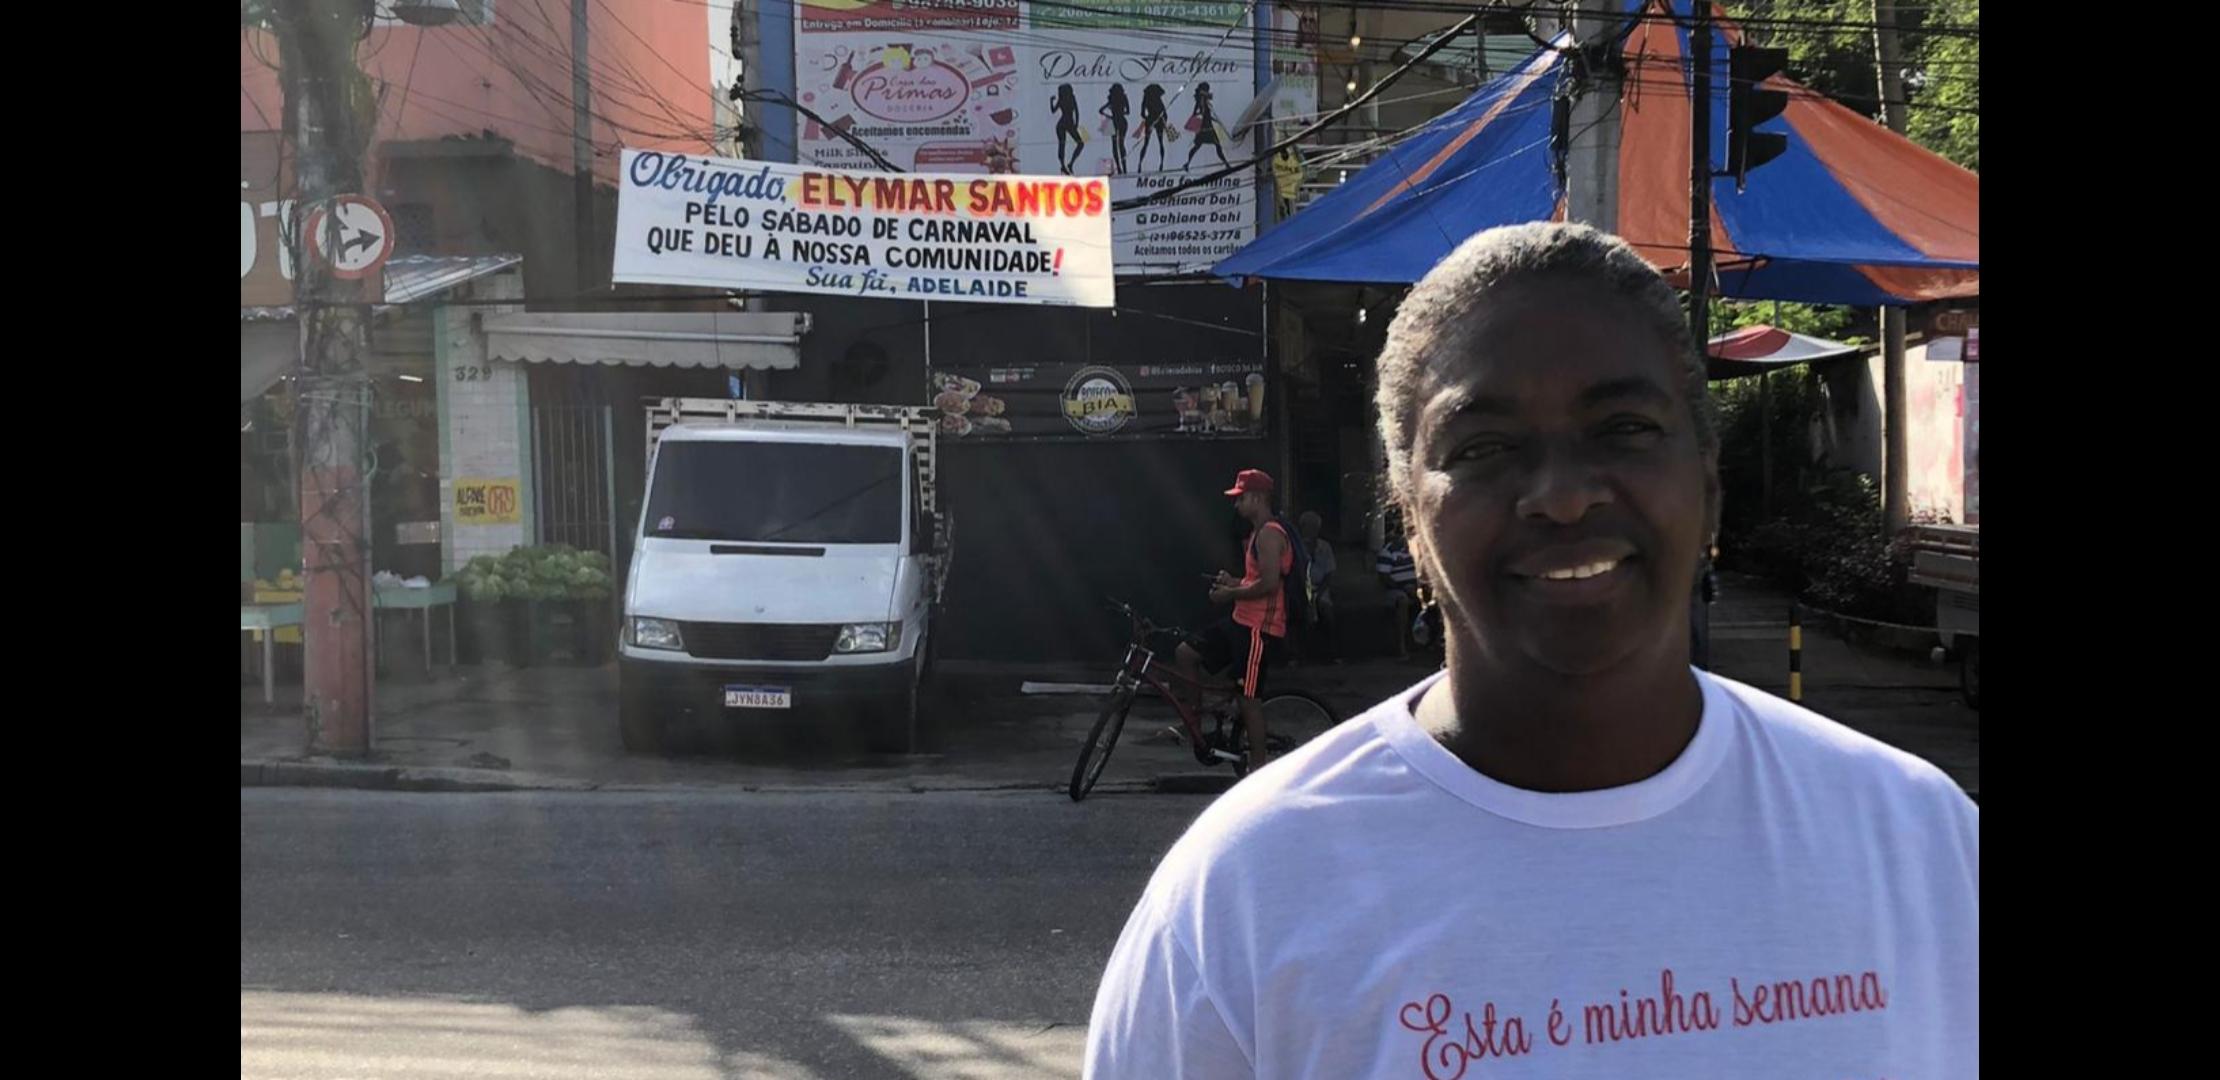 Fã agradece cantor Elimar Santos com faixa na Grota